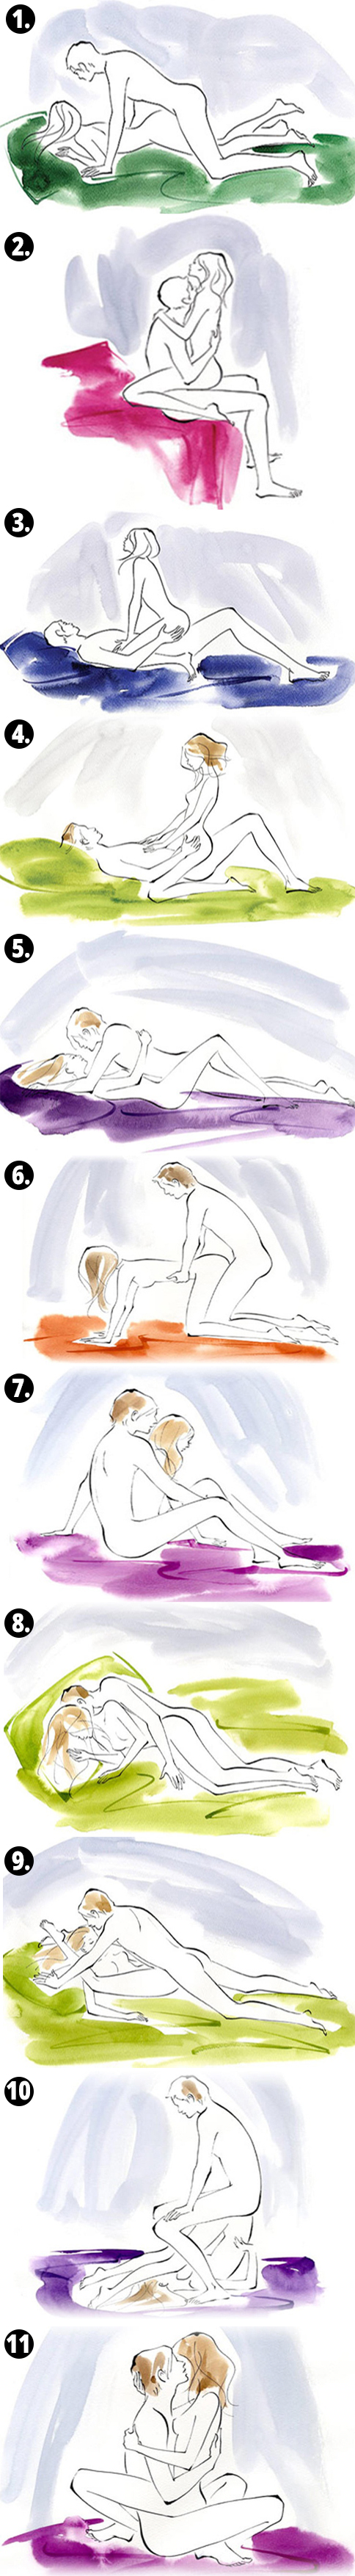 penisul introdus în gât